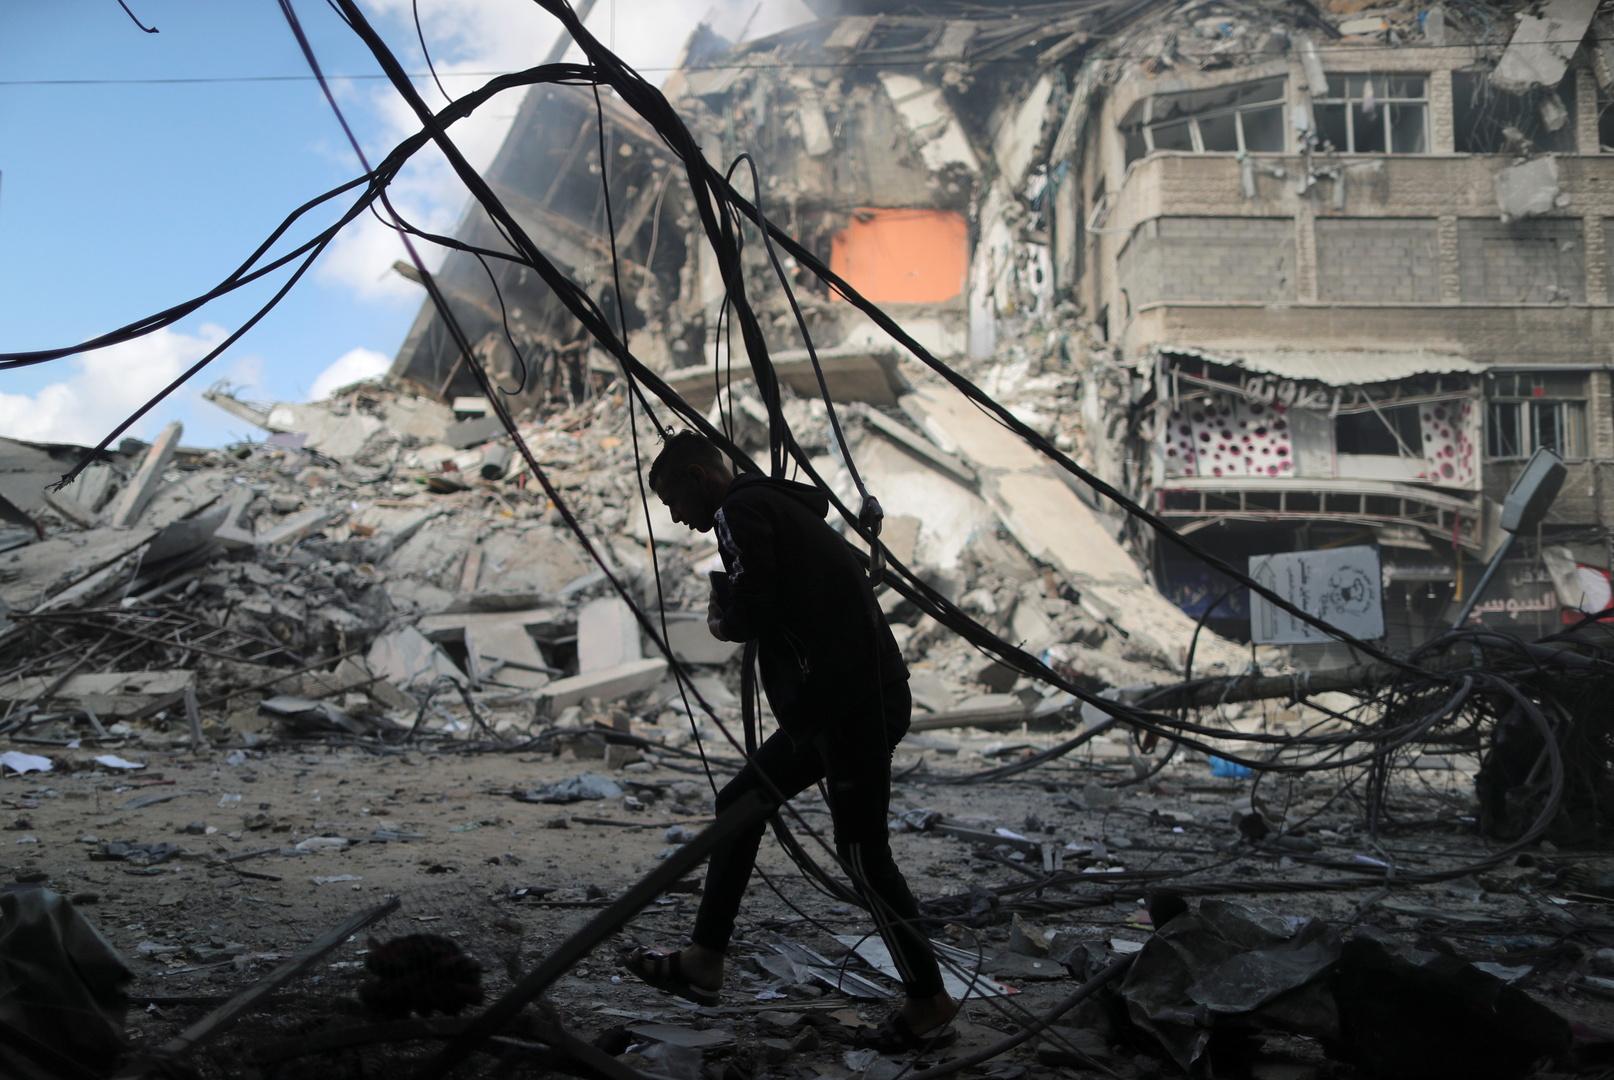 ارتفاع عدد ضحايا القصف الإسرائيلي على غزة إلى 119 قتيلا و830 مصابا